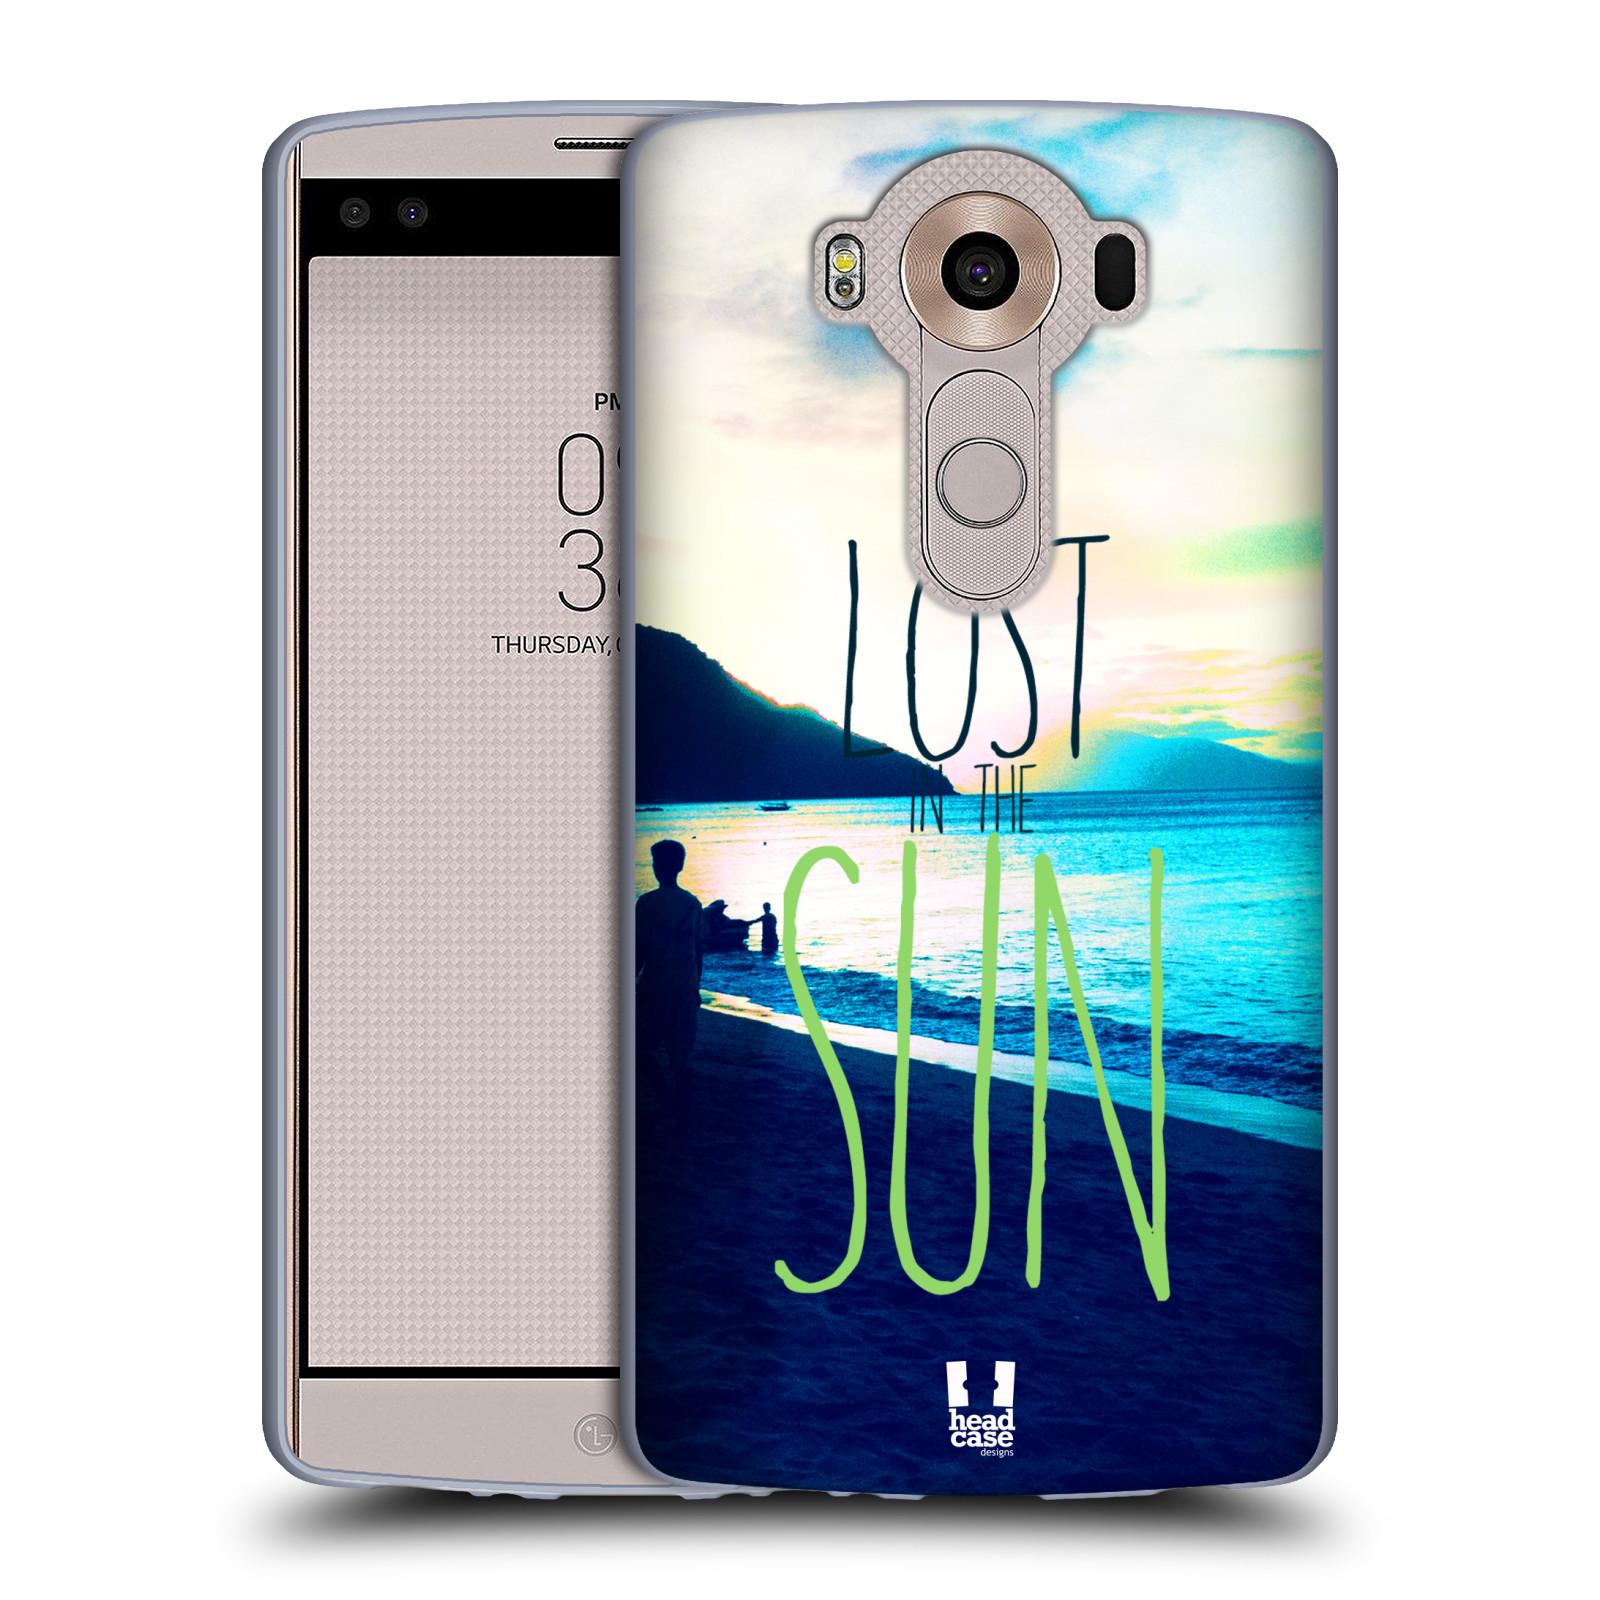 HEAD CASE silikonový obal na mobil LG V10 (H960A) vzor Pozitivní vlny MODRÁ, moře, slunce a pláž LOST IN THE SUN